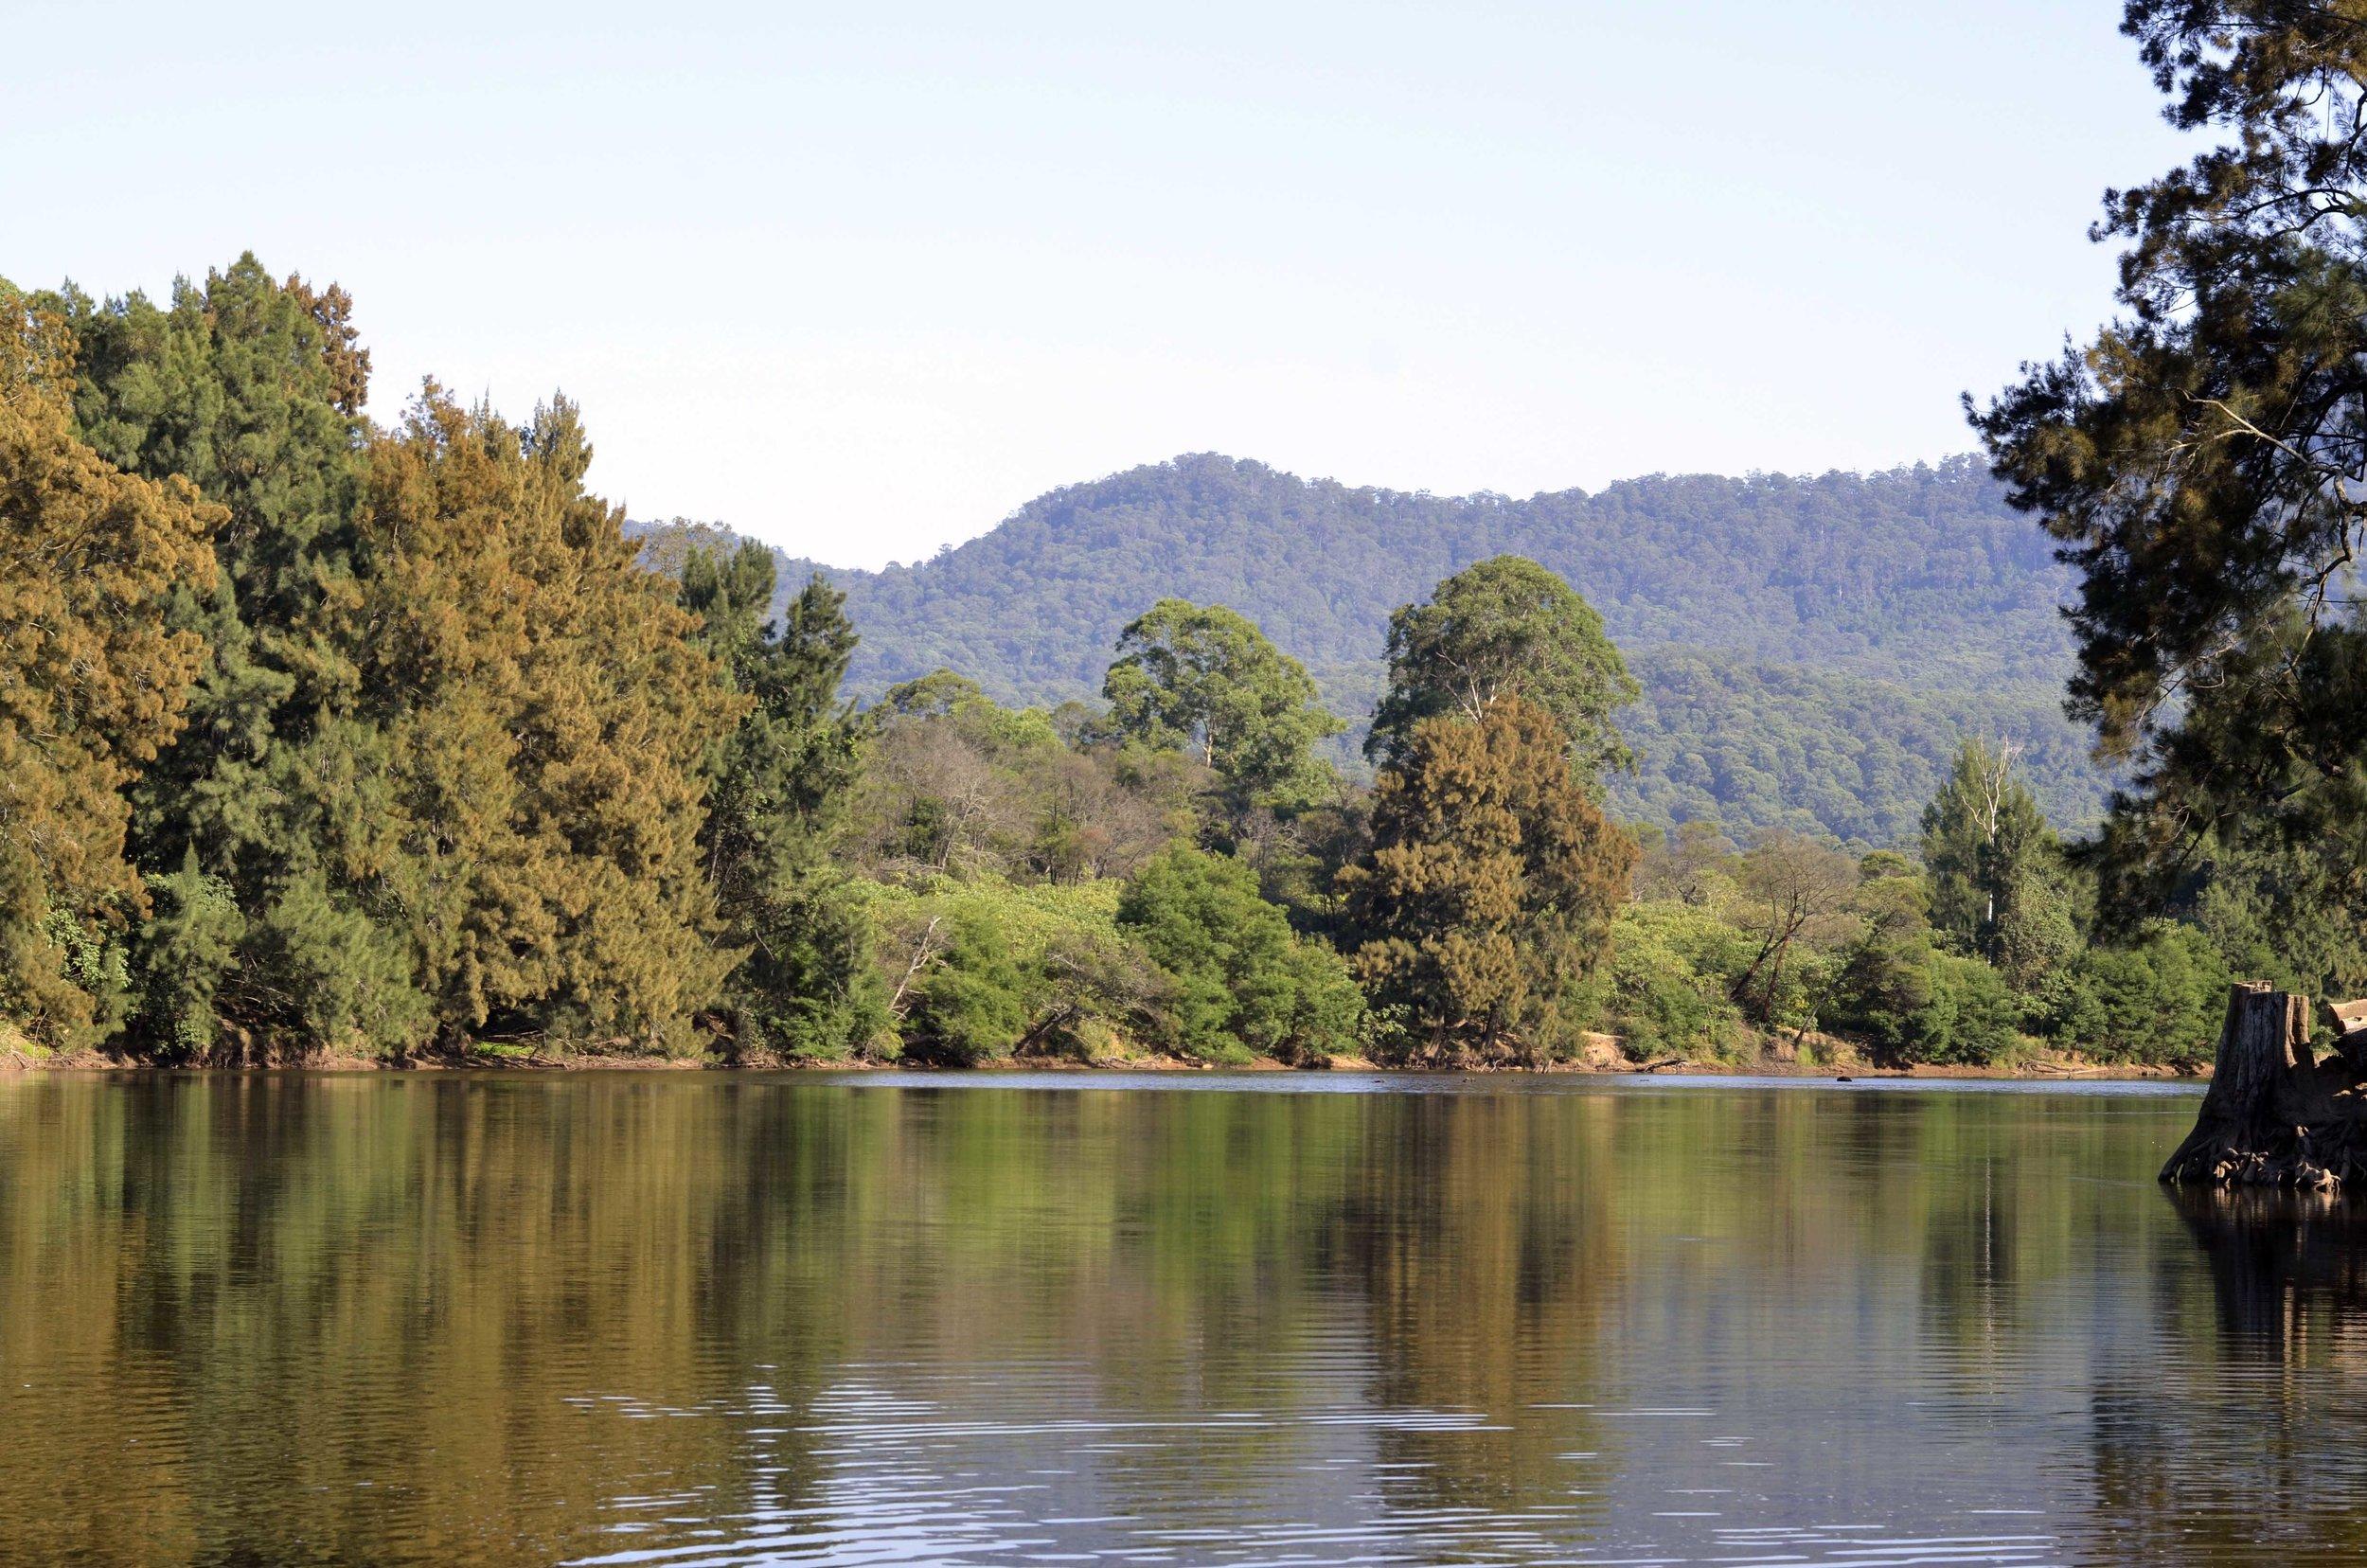 Down the Kangaroo river